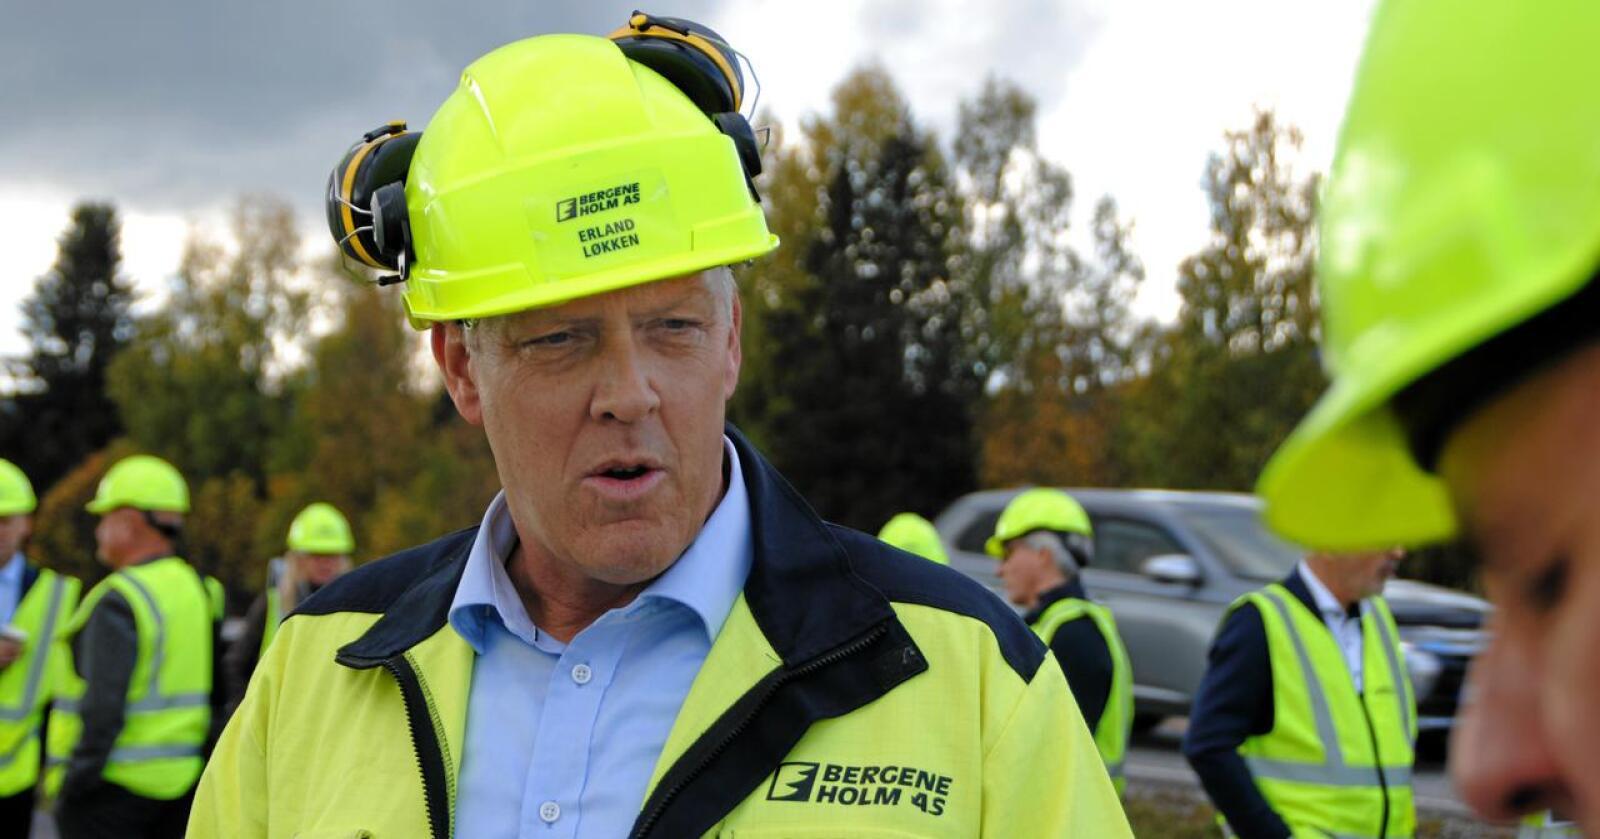 Bergene Holm og administrerende direktør Erland Løkken mener det trengs bedre kommunale veier og fylkesveier for å sikre trygg og god tømmertransport. Foto: Lars Bilit Hagen